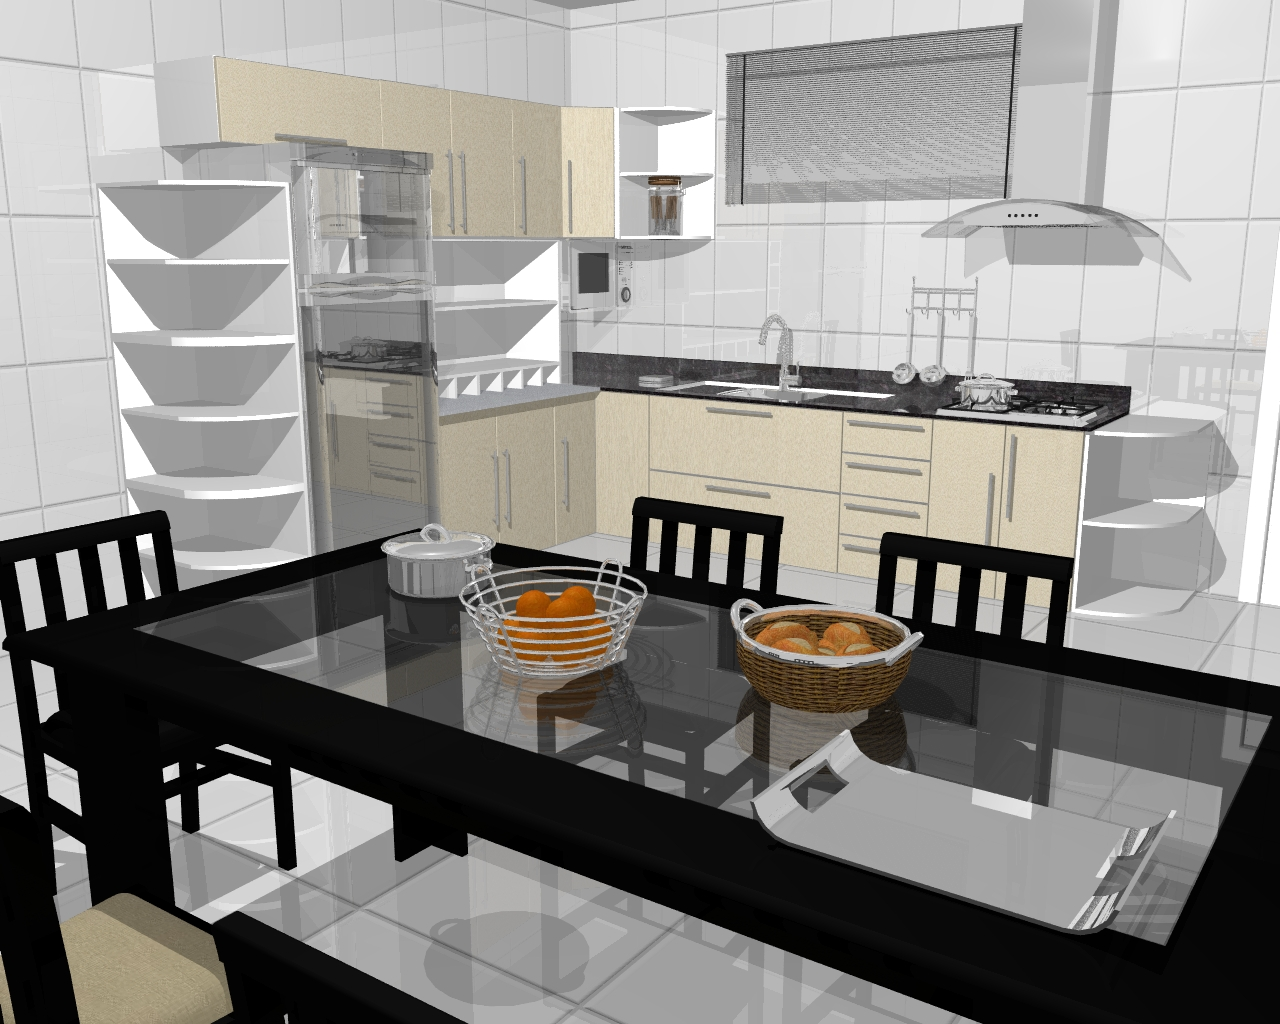 3DANILO Maquetes Eletrônicas 3D: COZINHAS PLANEJADAS #7B4919 1280 1024